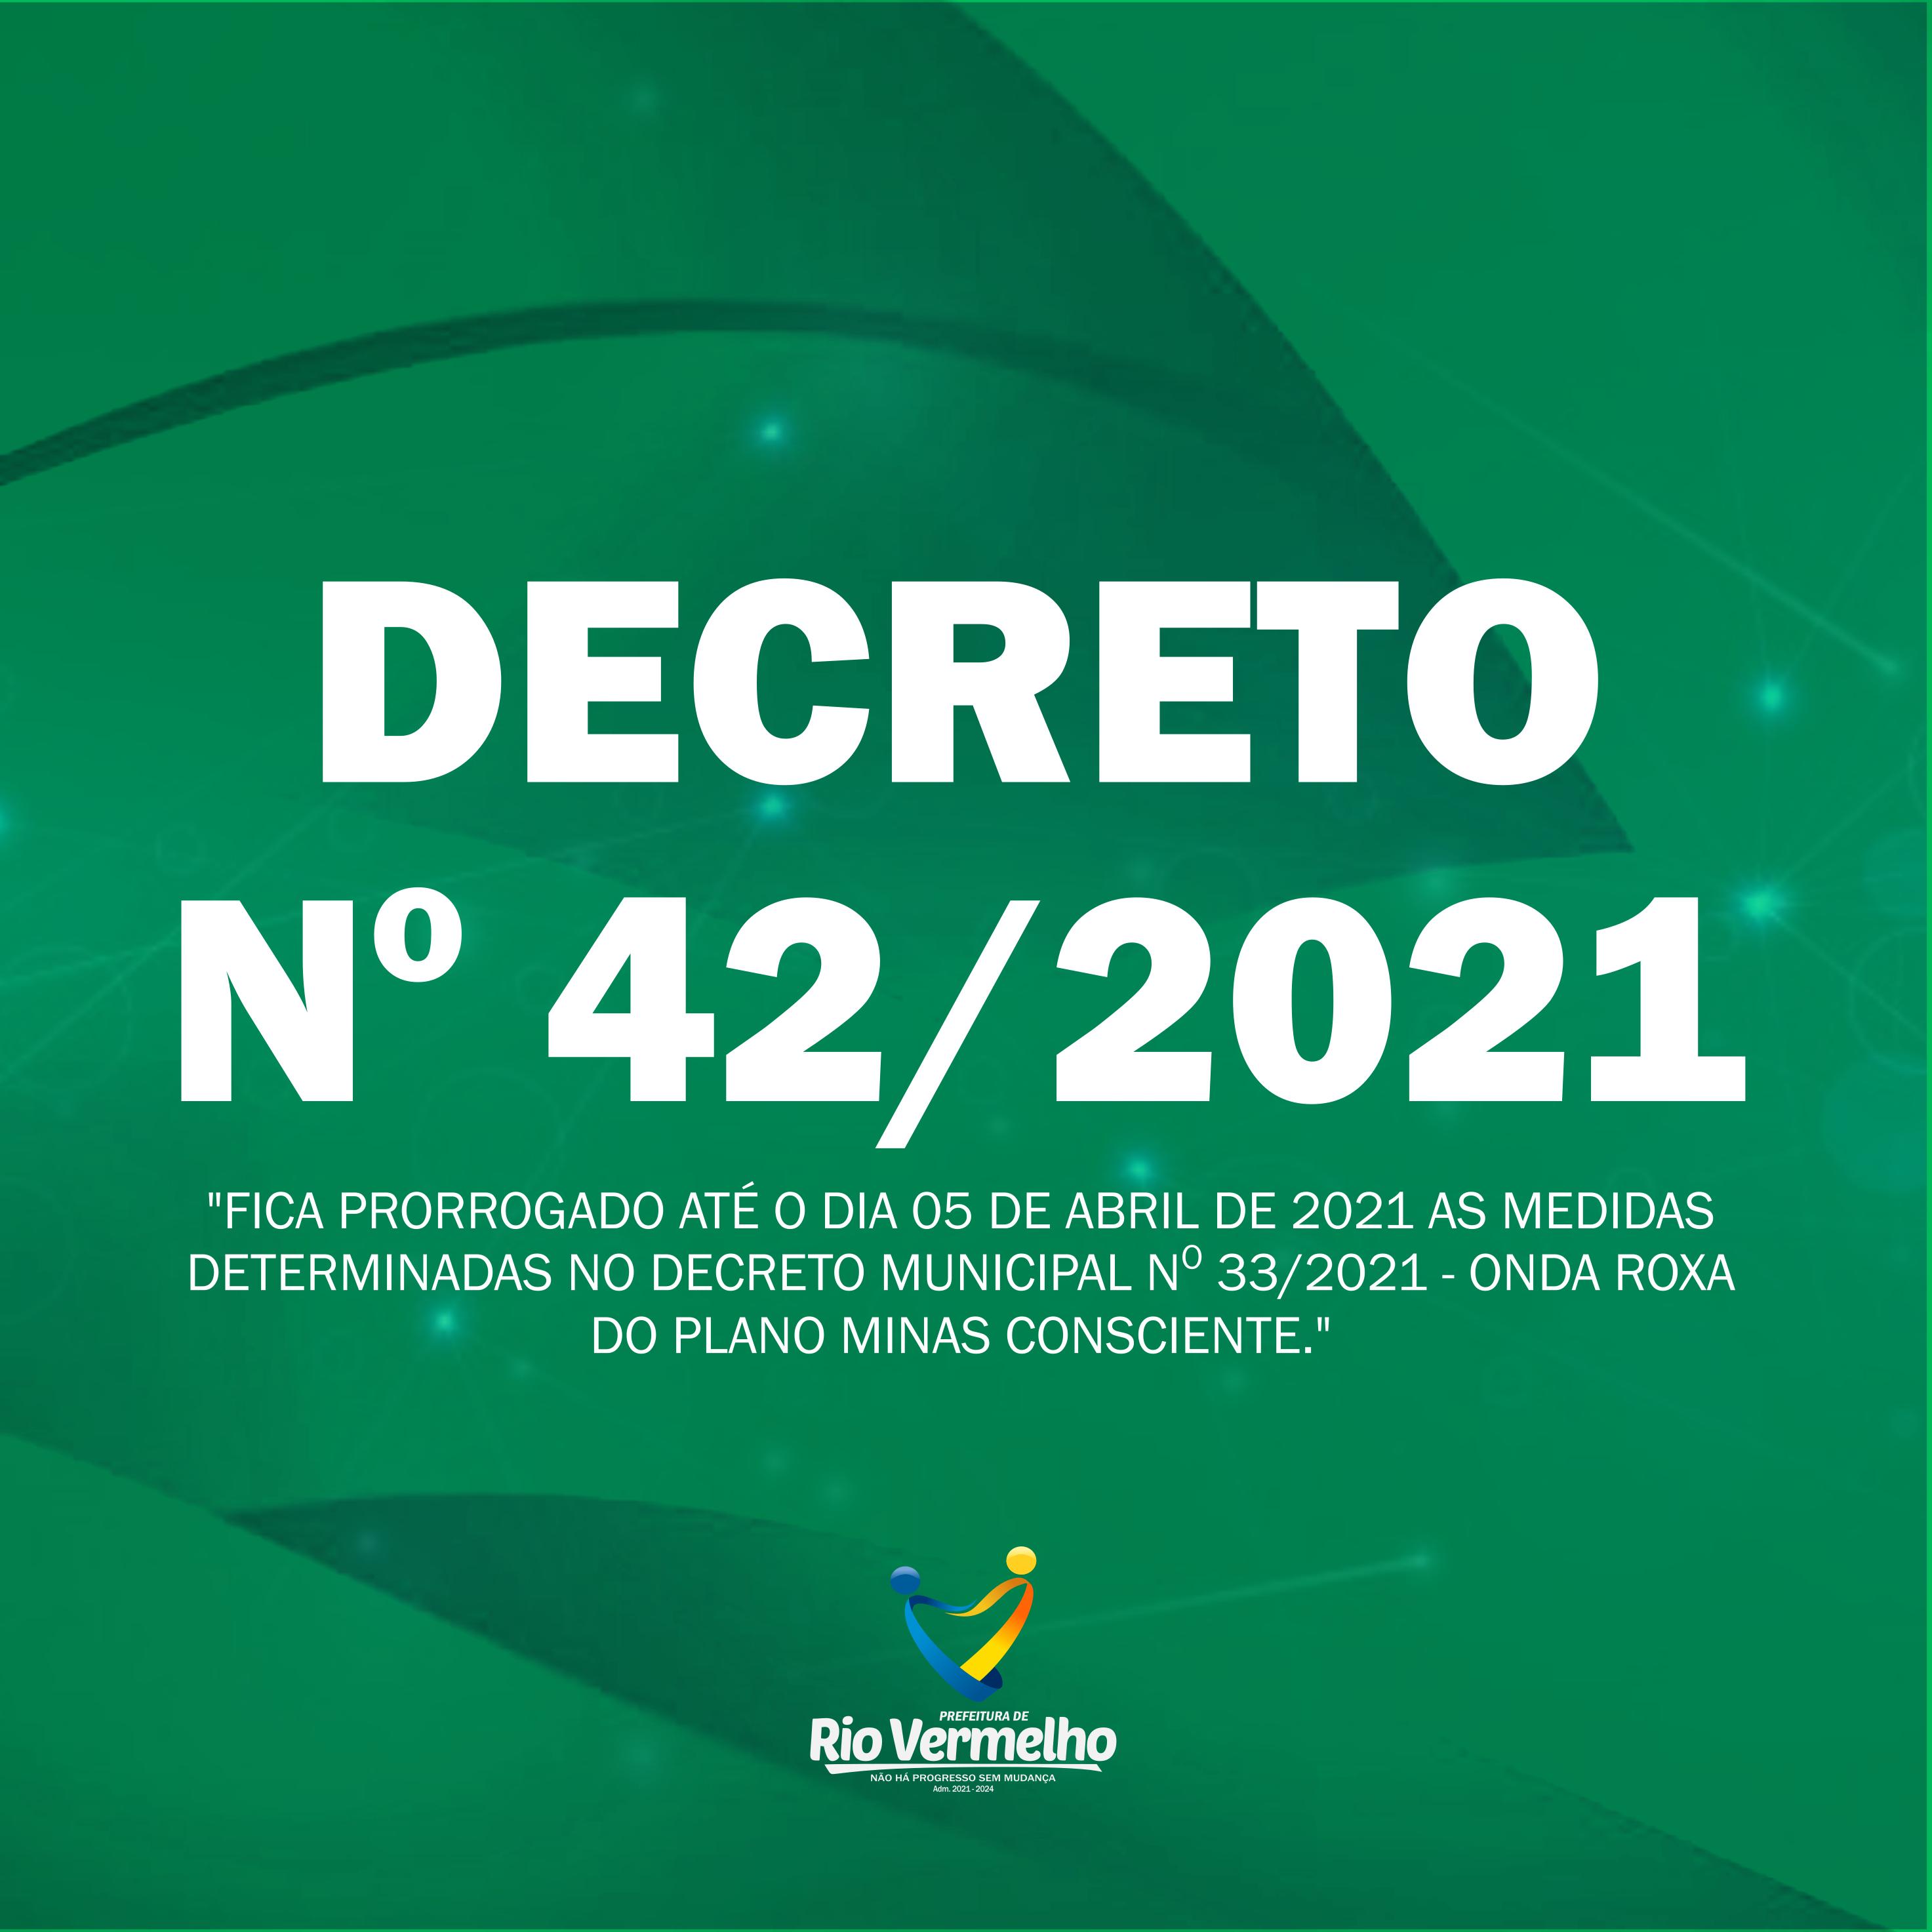 """DECRETO MUNICIPAL Nº 42 DE 31 DE MARÇO DE 2021 – Fica prorrogado até o dia 05 de abril de 2021 as medidas da """"Onda Roxa"""" do Plano Minas Consciente"""